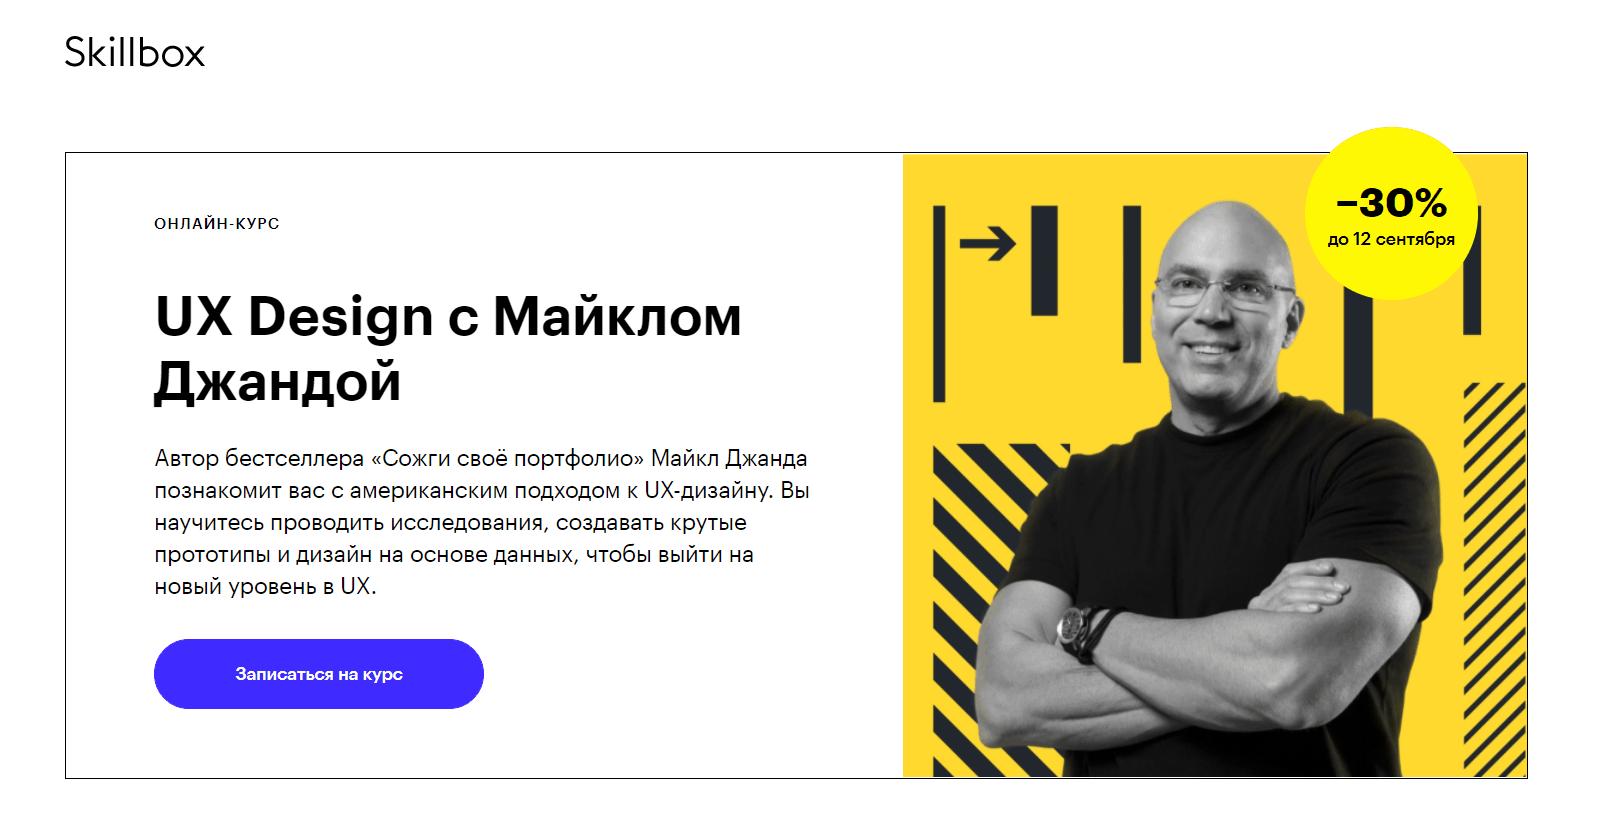 UX Design с Майклом Джандой от Скиллбокс